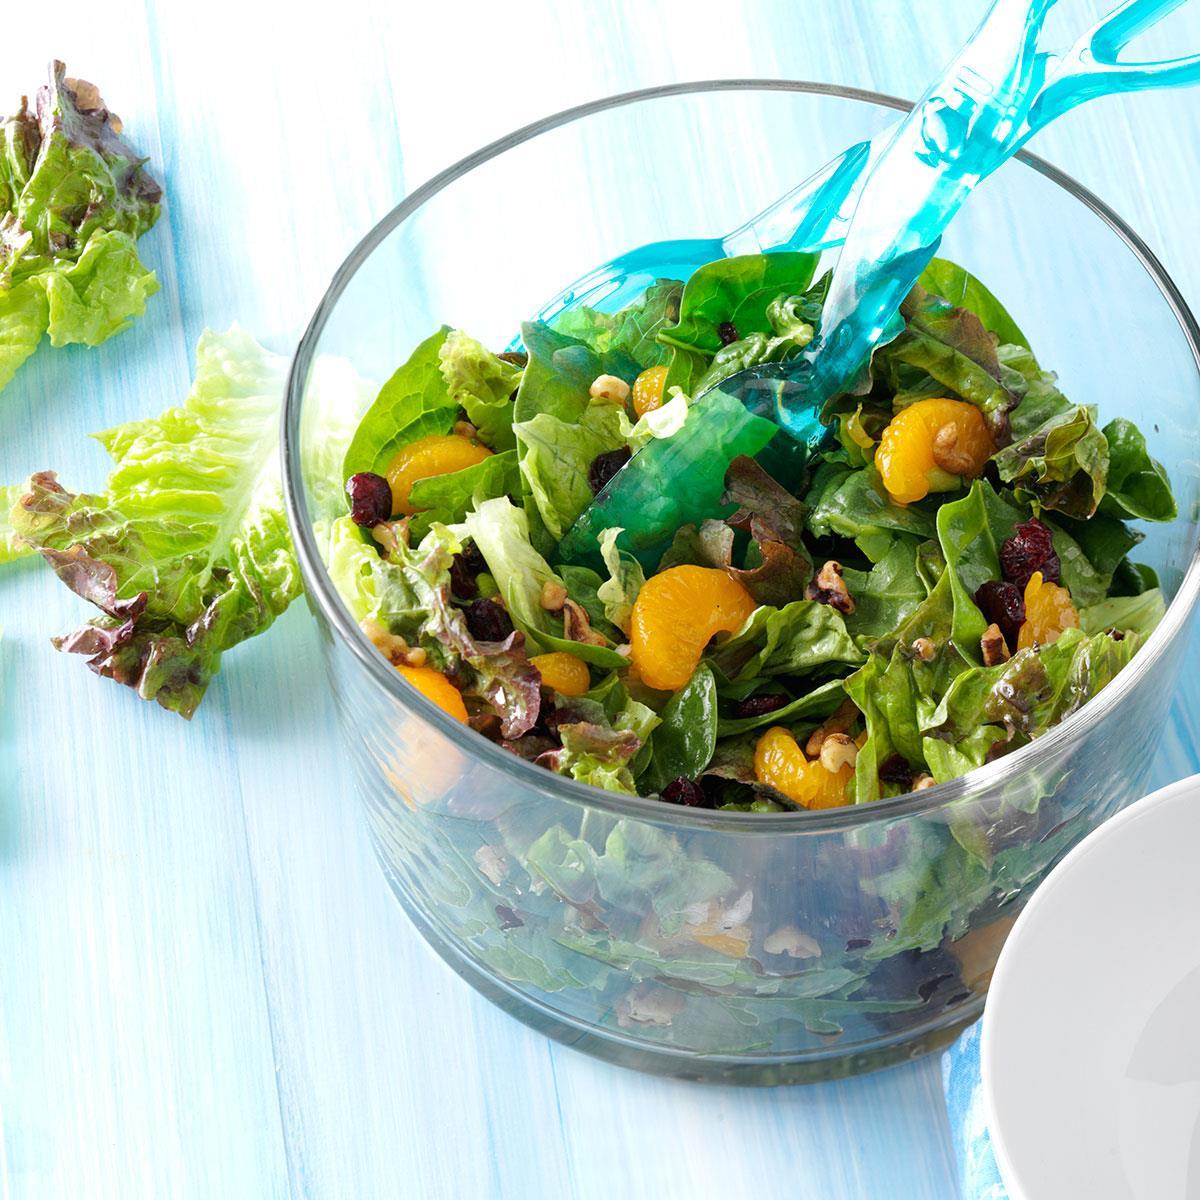 Салат с мандаринами, клюквой и грецкими орехами